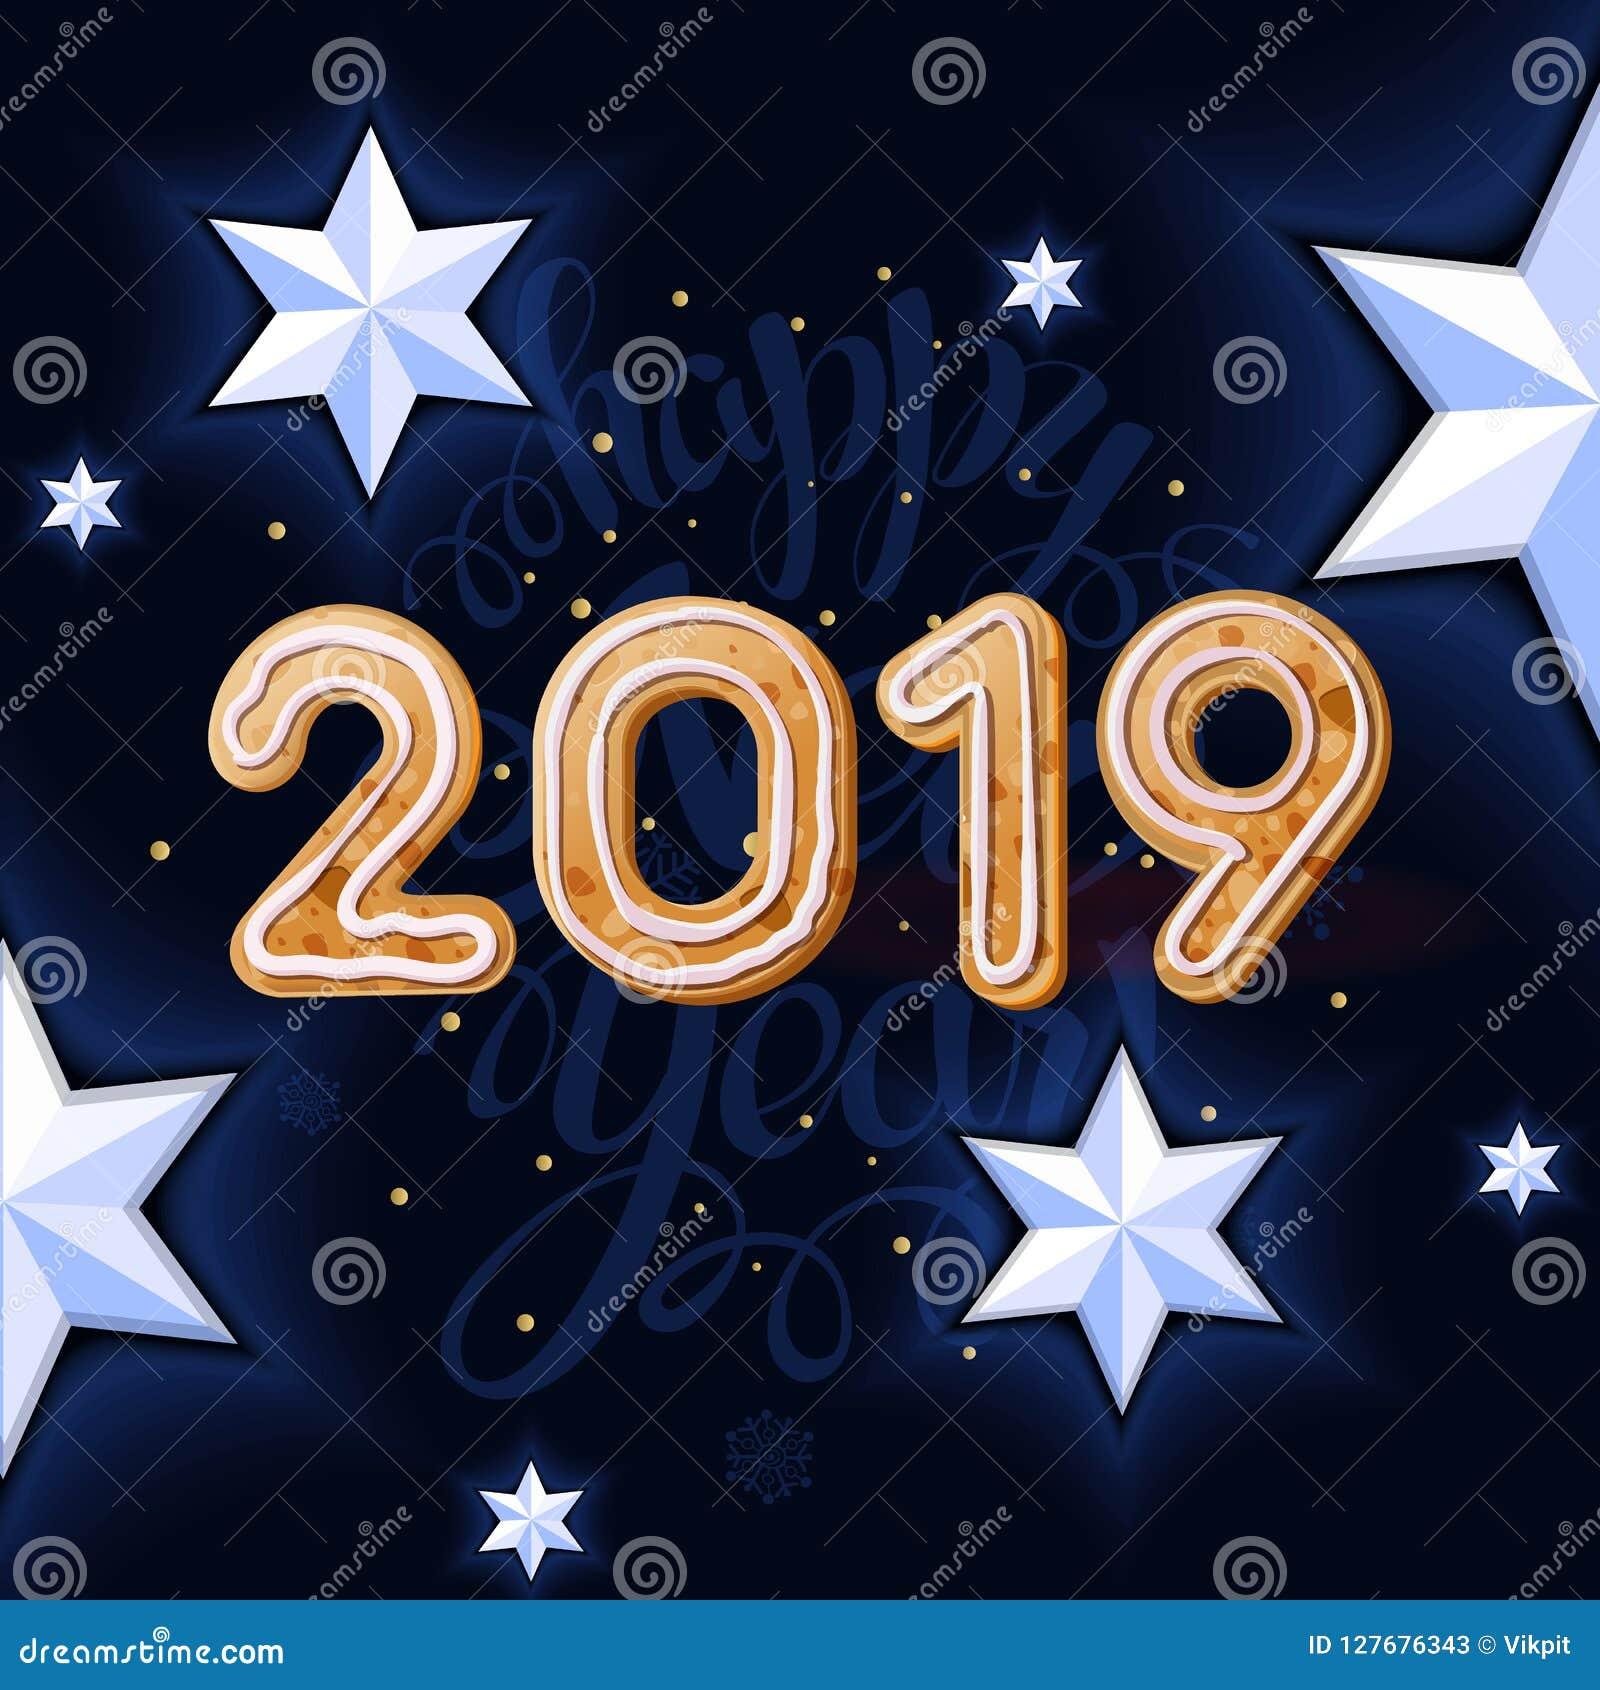 Weihnachtskekse 2019.2019 Neues Jahr Auf Dem Schwarzen Hintergrund Mit Weißem Stern Und